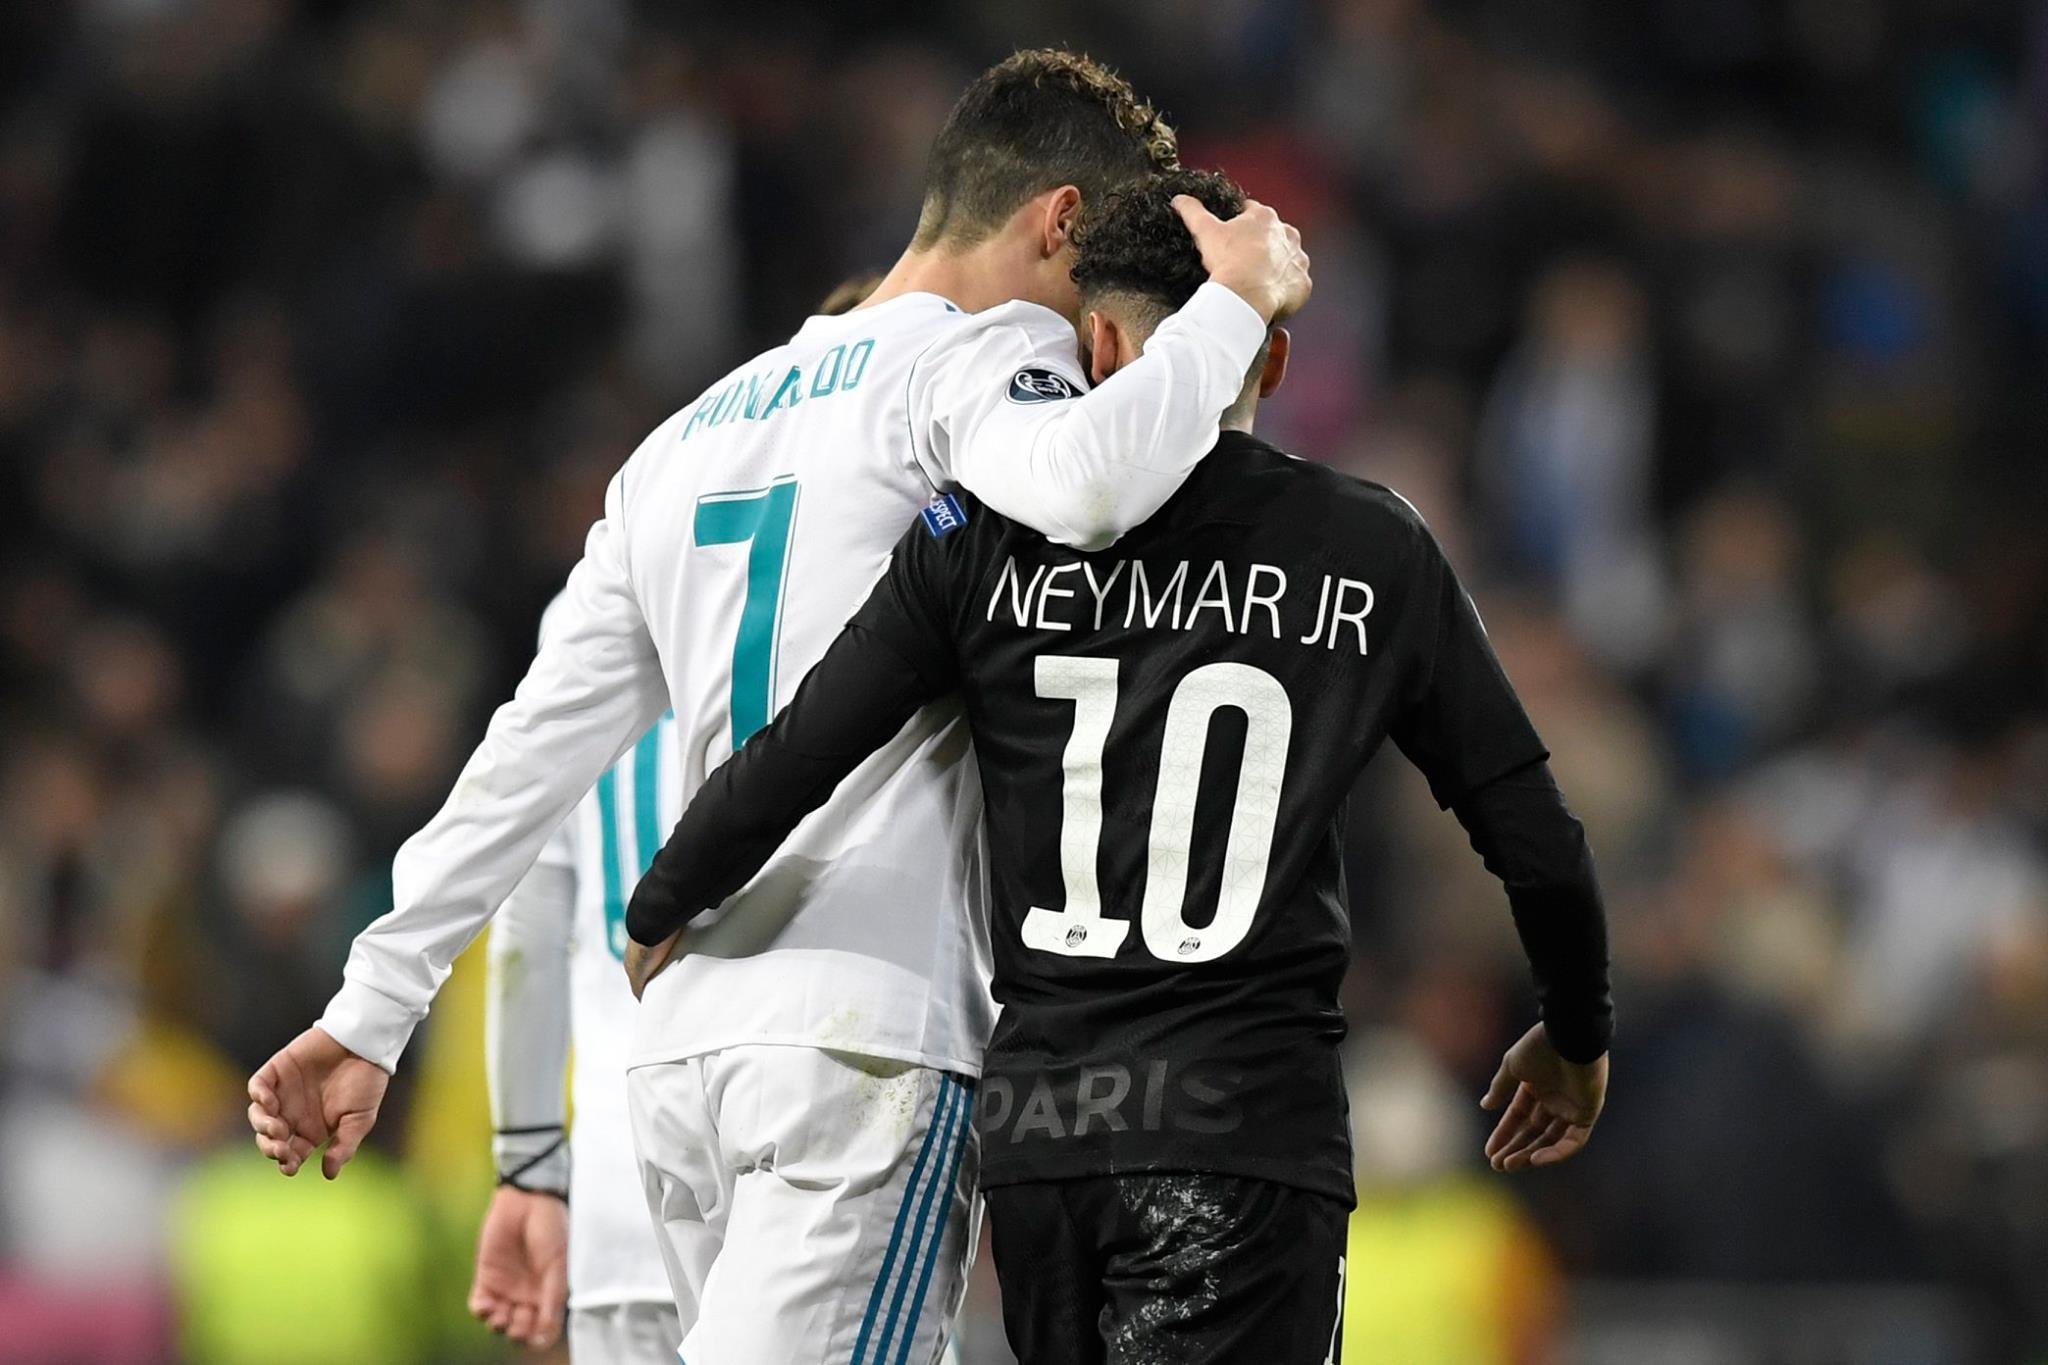 Neymar et Cristiano Ronaldo sur un ring de boxe